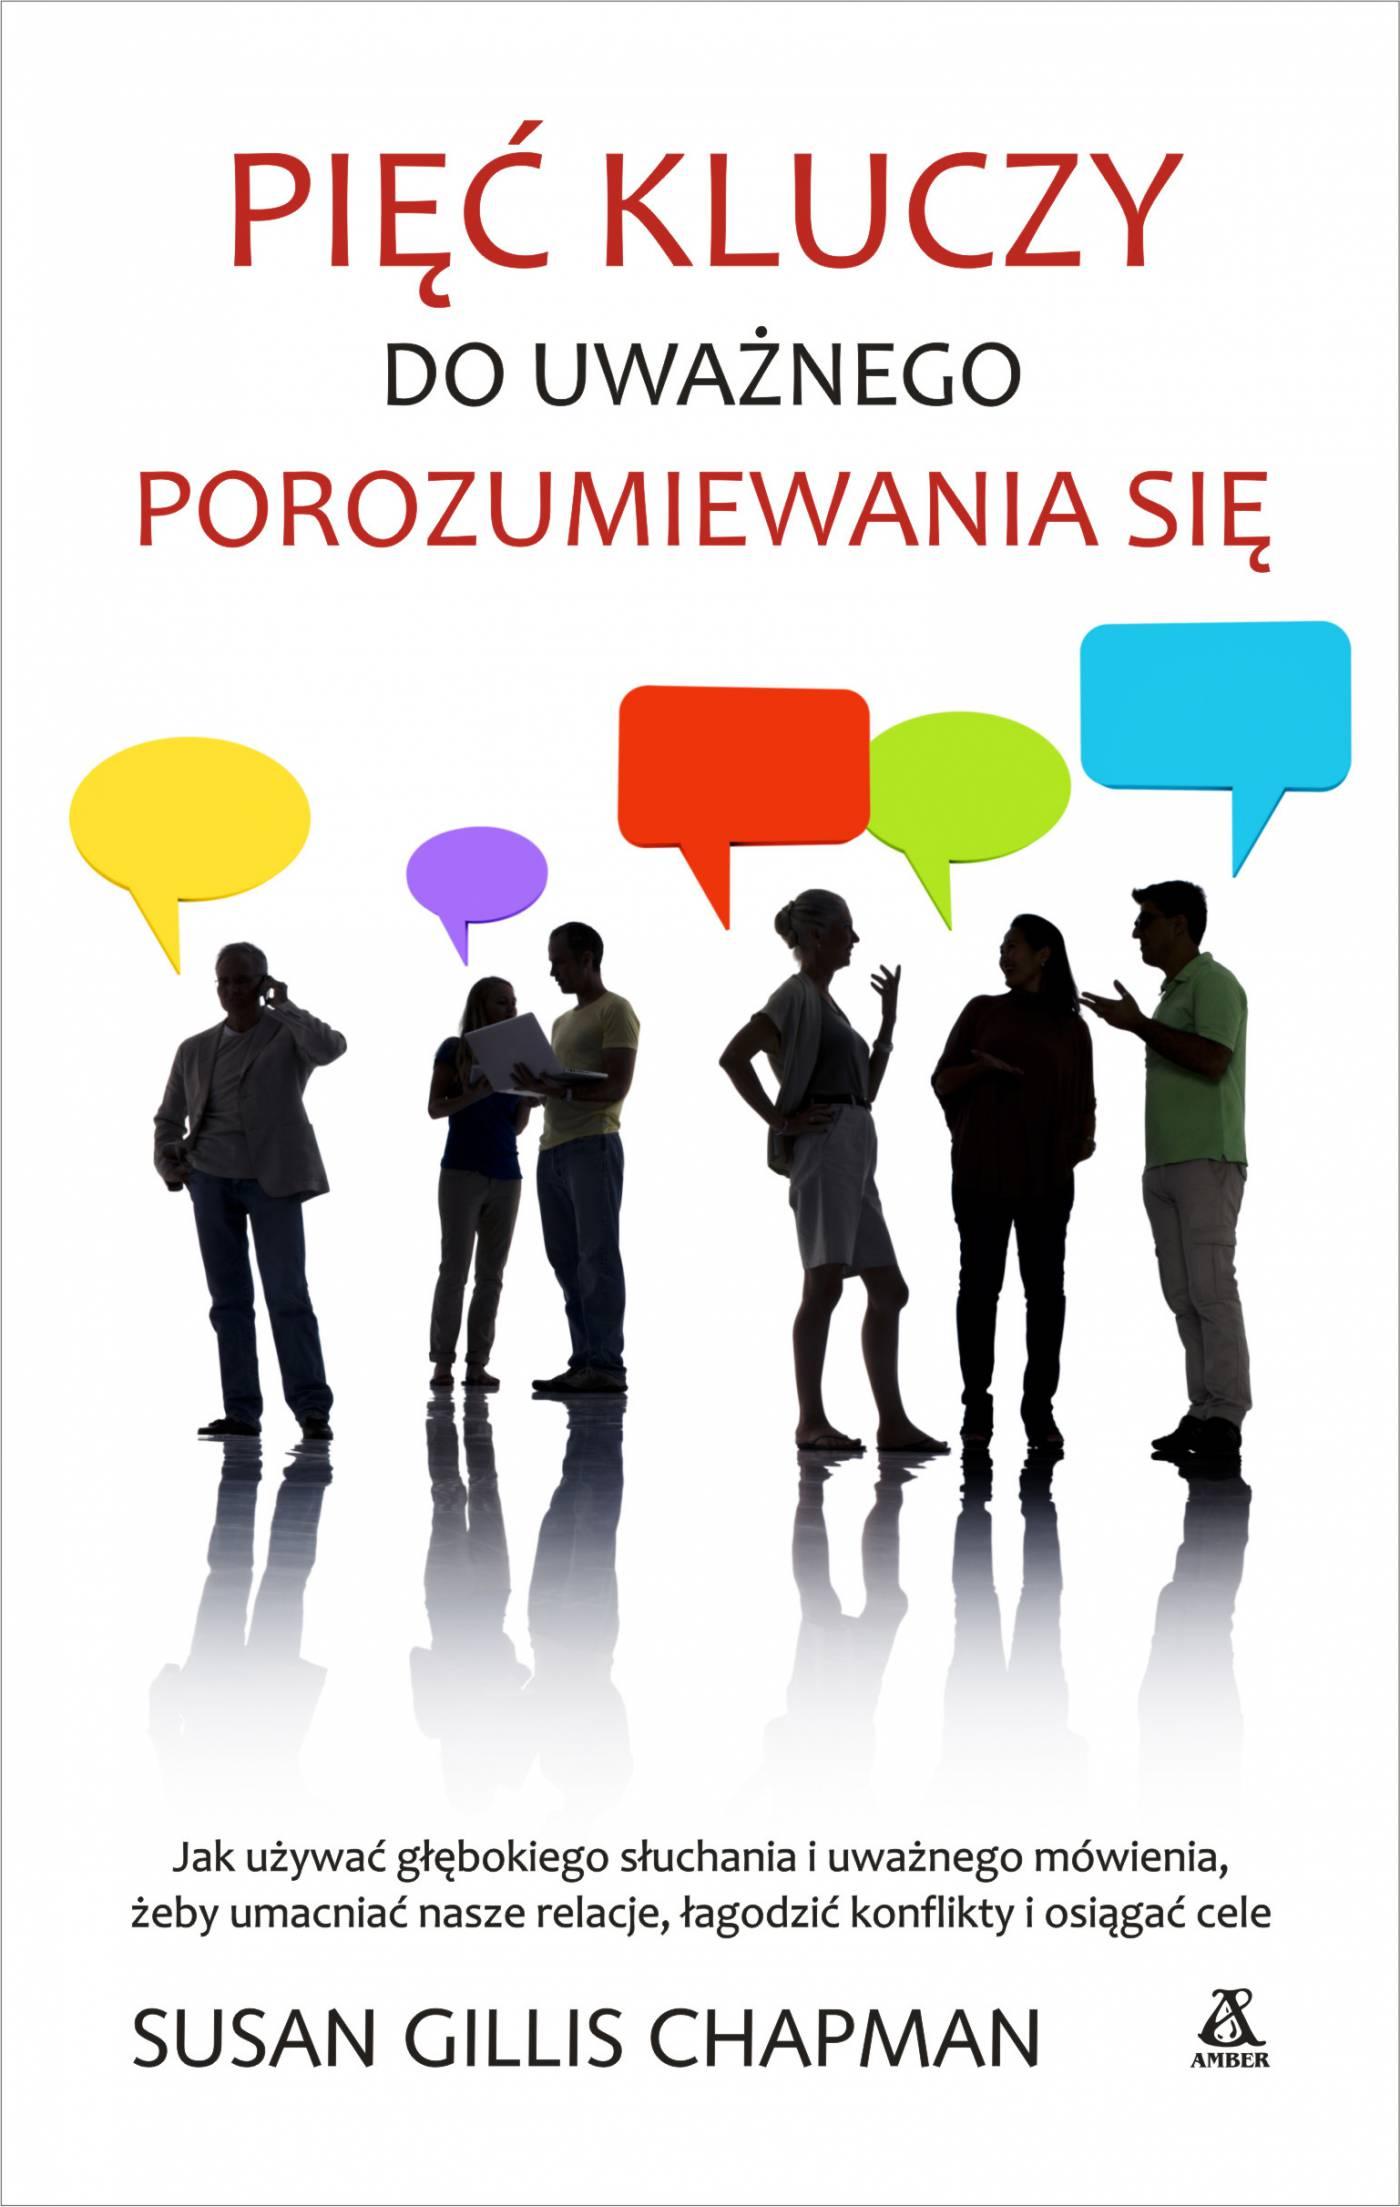 Pięć kluczy do uważnego porozumiewania się - Ebook (Książka EPUB) do pobrania w formacie EPUB